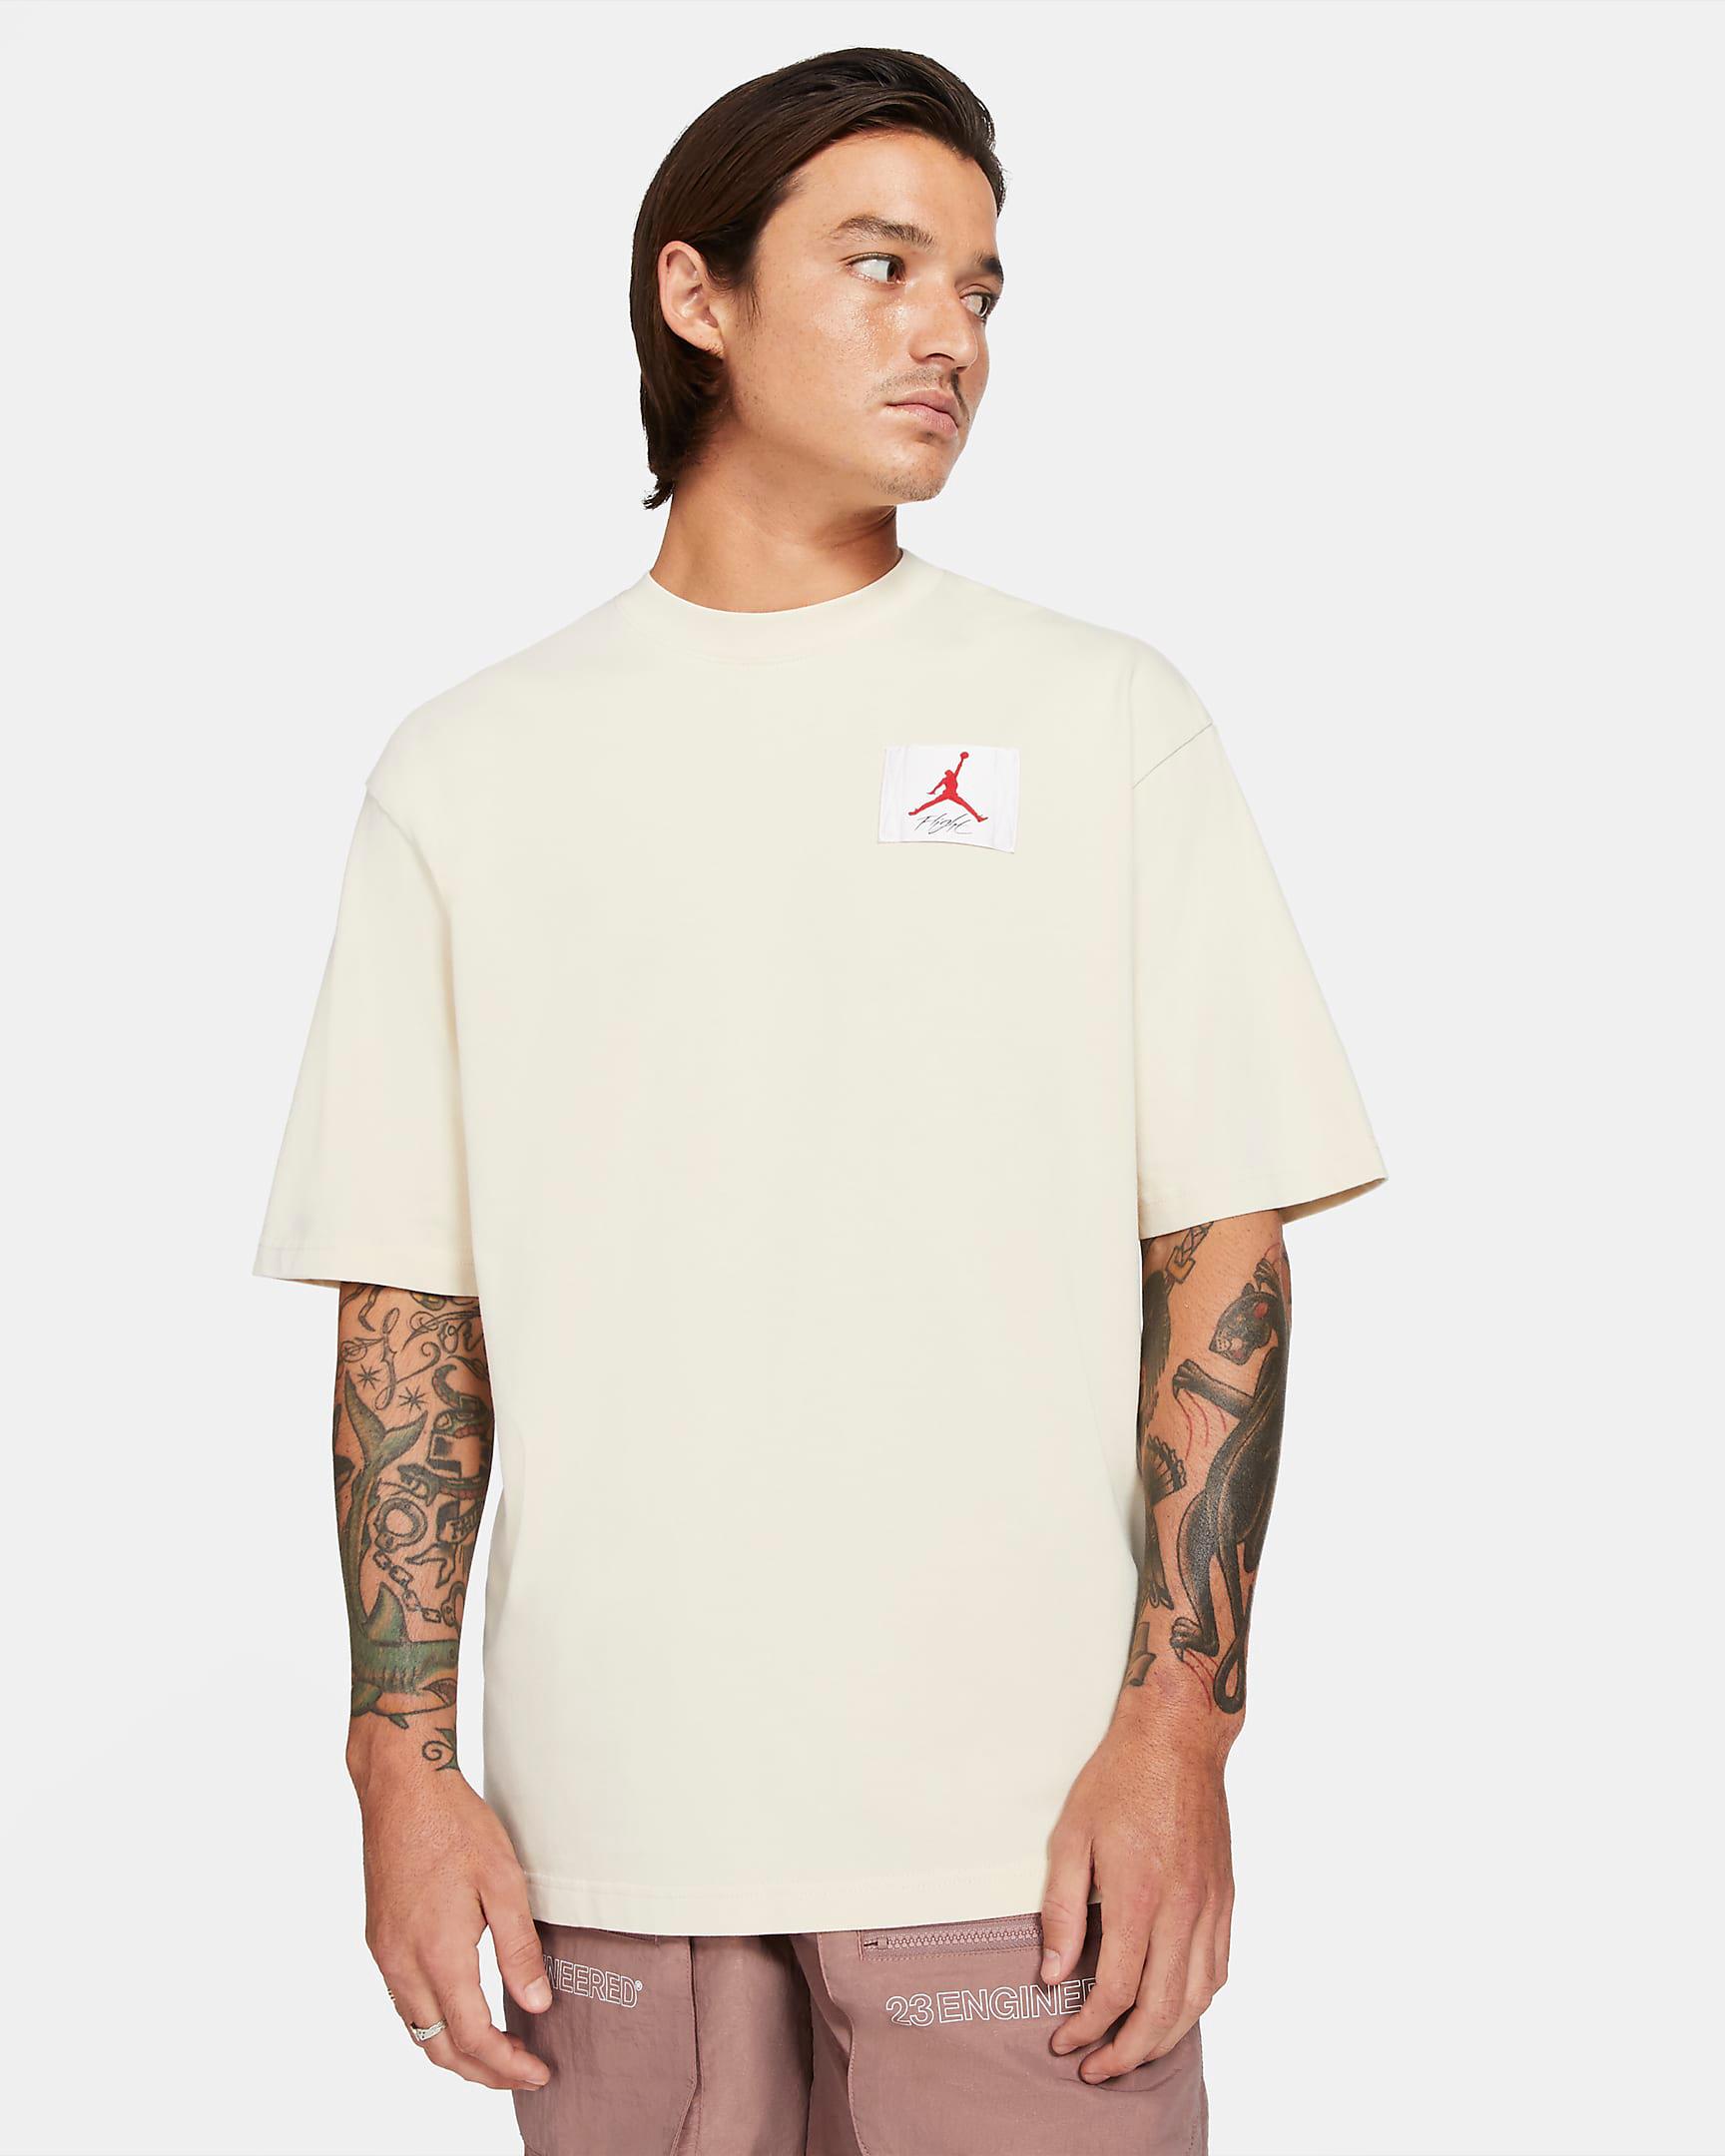 jordan-ma2-future-beginnings-shirt-1